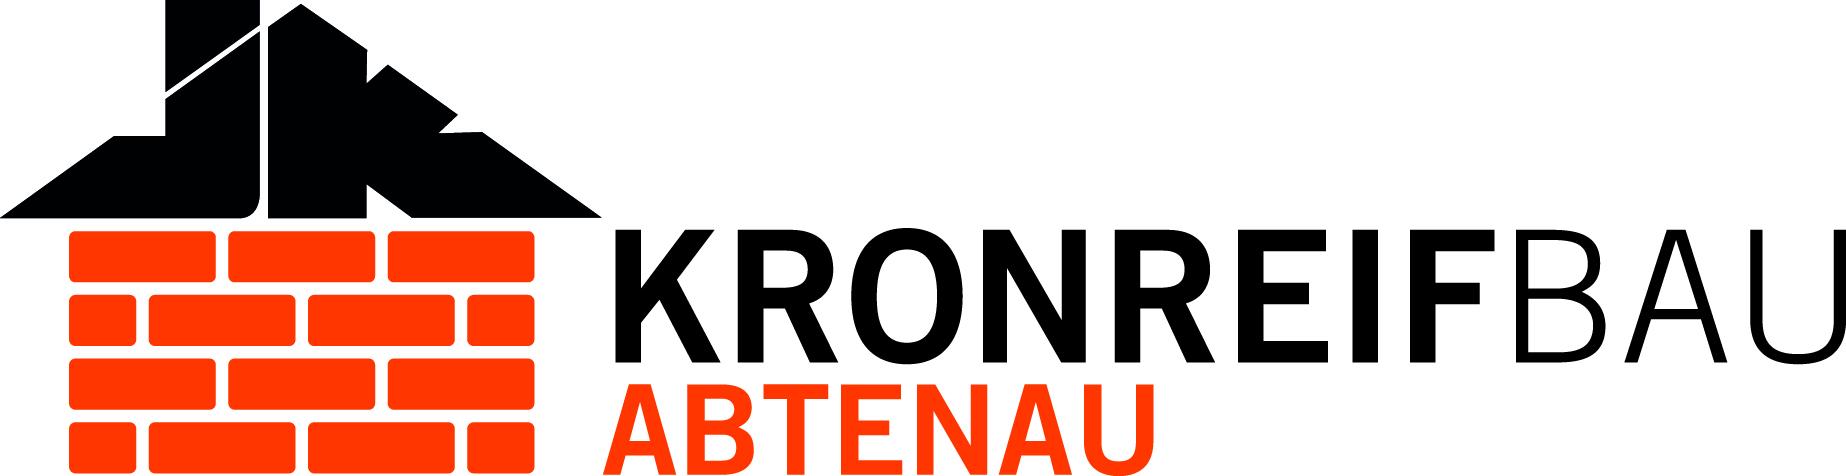 Kronreifbau GmbH